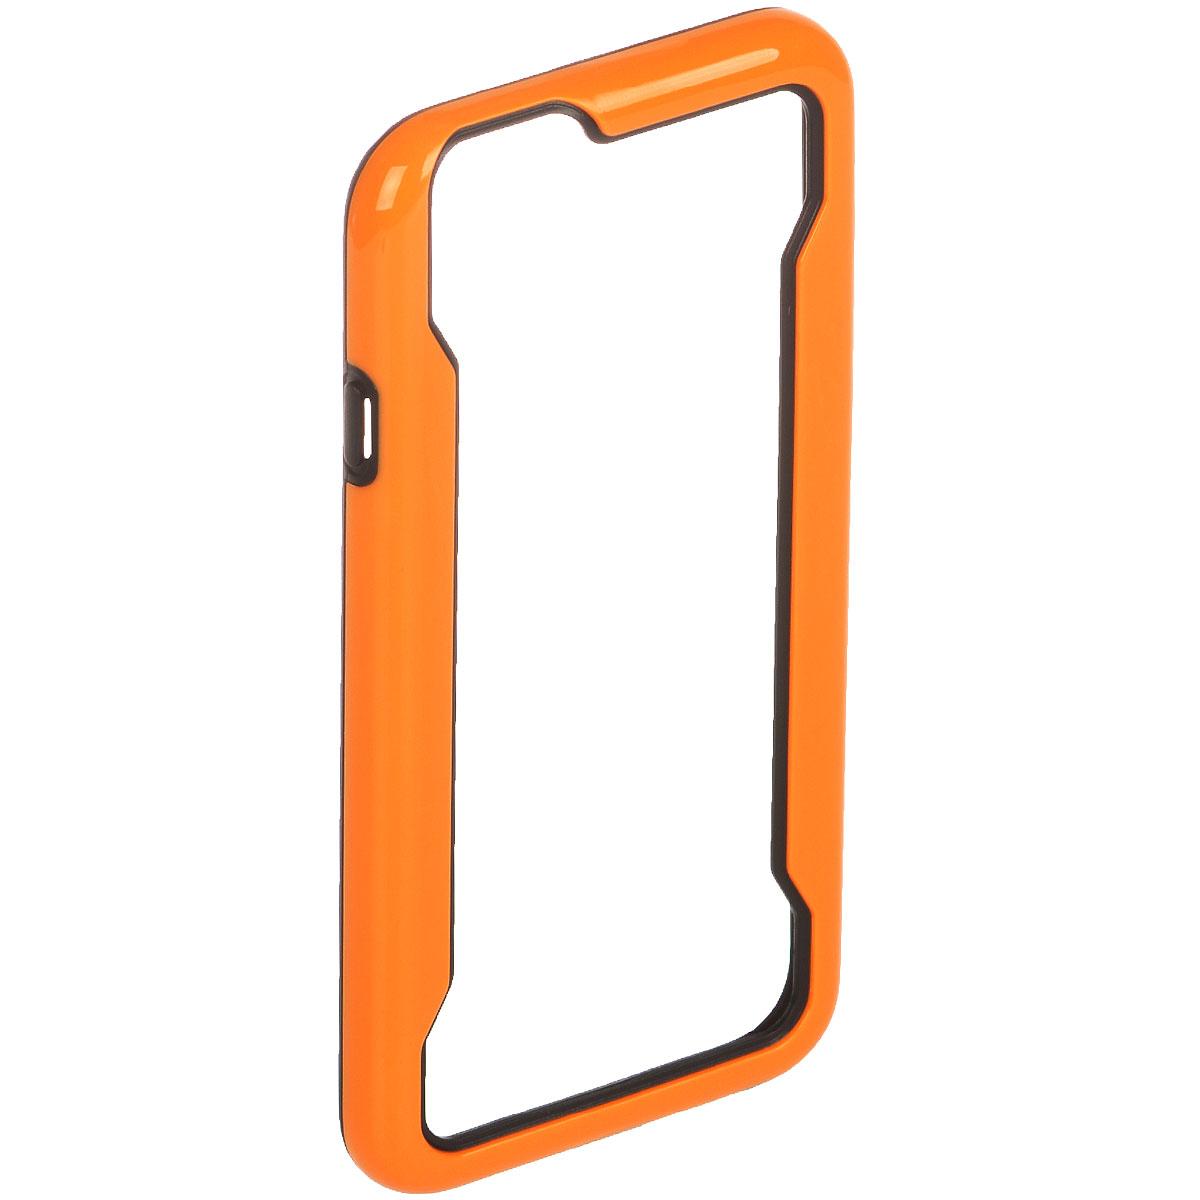 Liberty Project чехол-накладка для iPhone 6, Orange BlackR0007956Защитная крышка Liberty Project служит защиты корпуса вашего смартфона от внешнего воздействия (пыль, влага, царапины). Модель доступна в различных цветах.